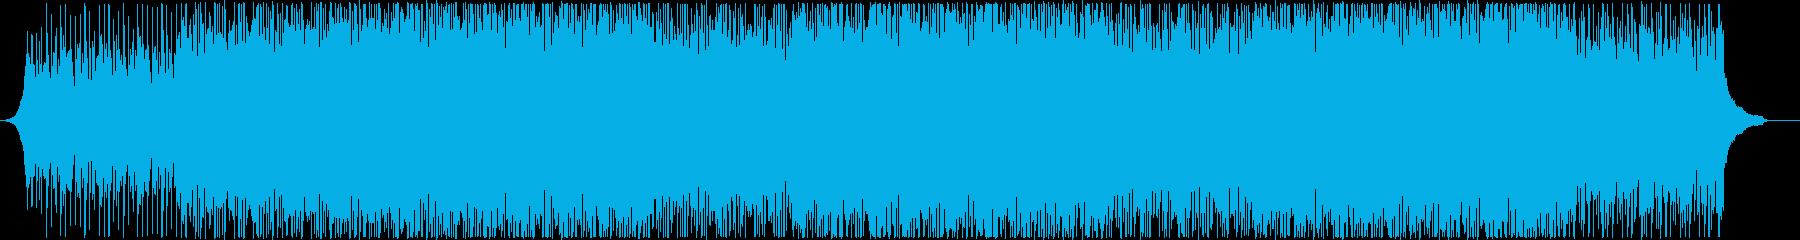 映像・企業VP 創造的なワクワク感(B)の再生済みの波形